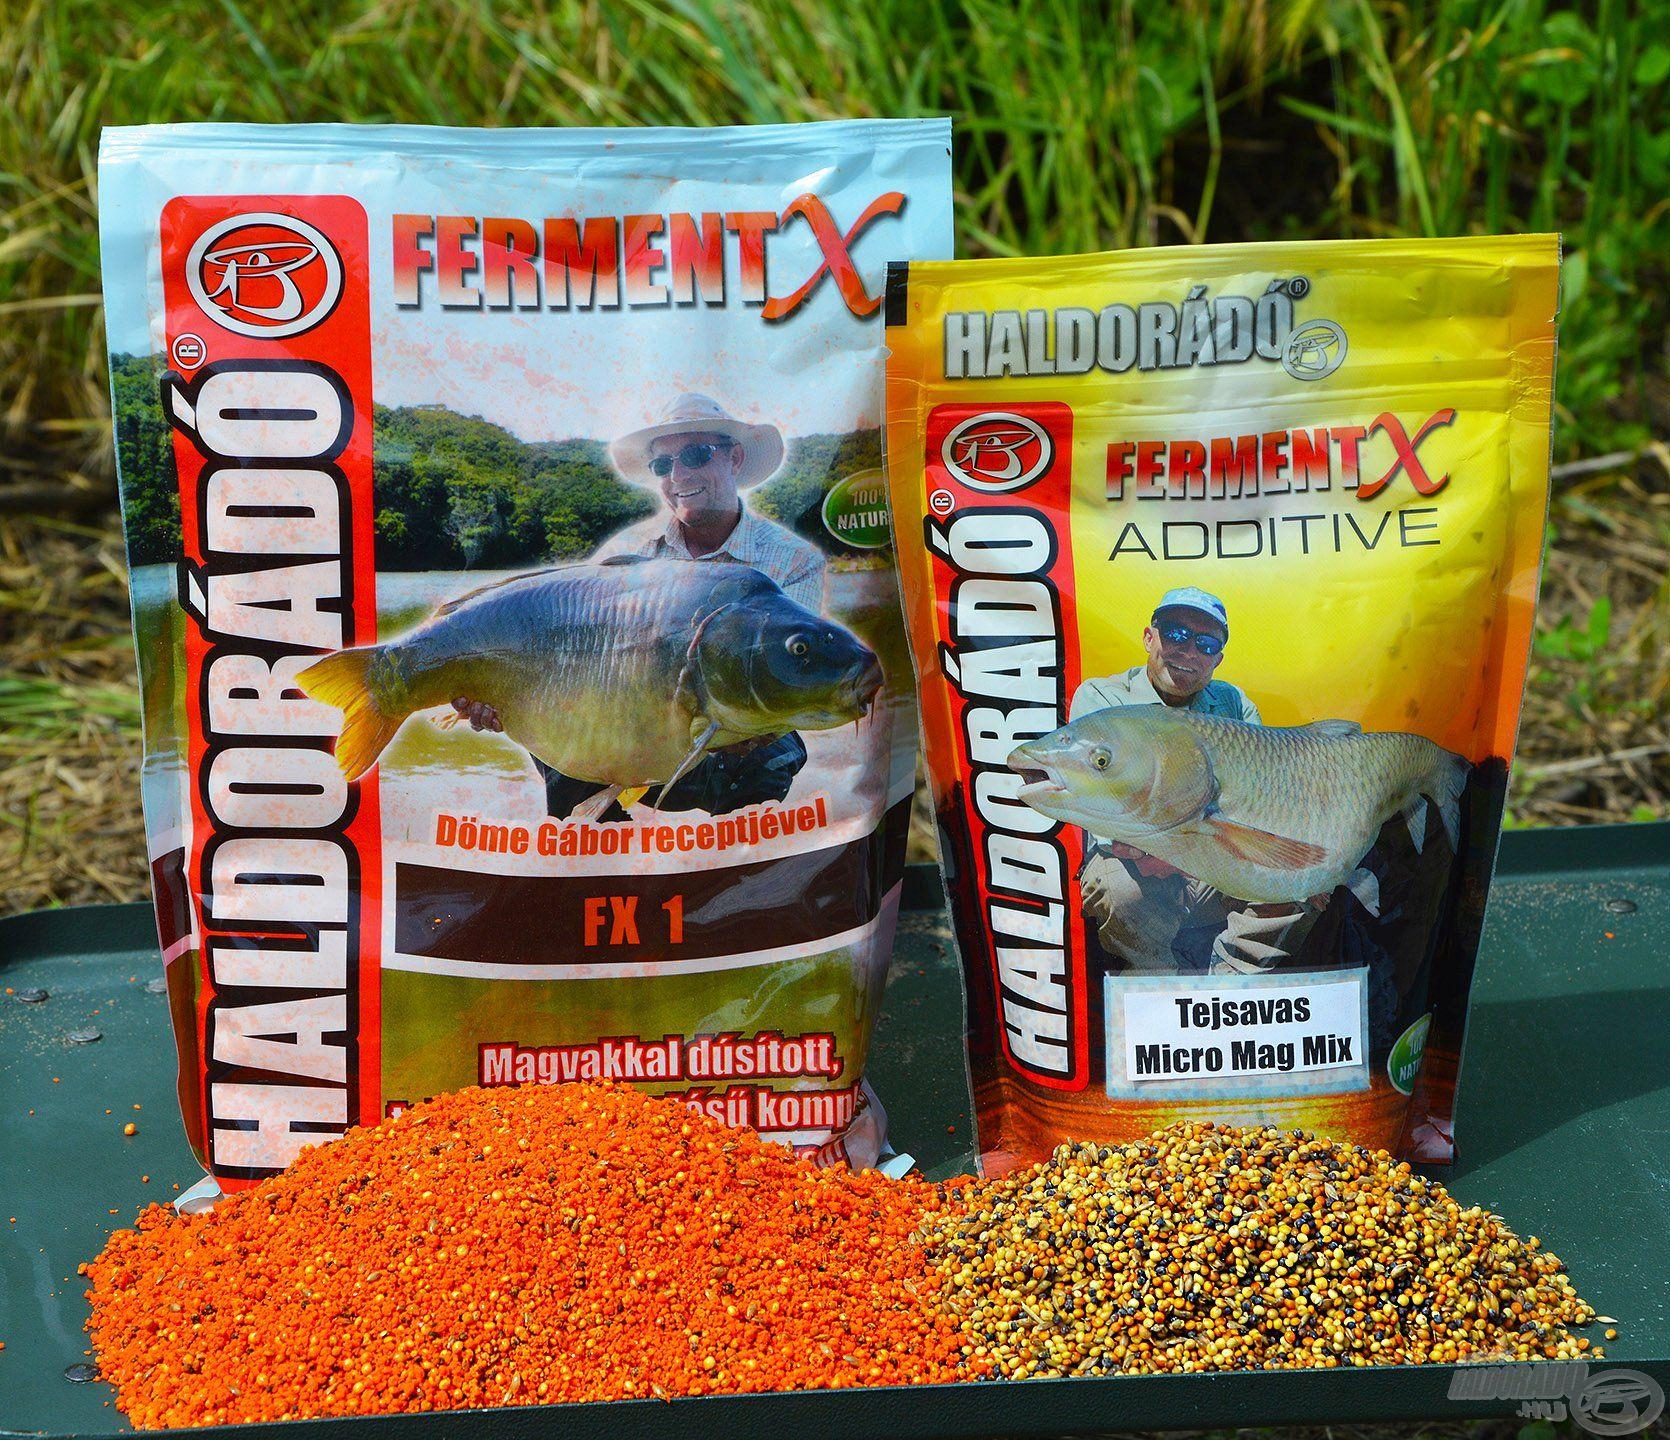 Két szuper újdonságot kínáltunk a gyermelyi halaknak! A kosarakba az új FermentX FX 1 etetőanyag, illetve a FermentX Additive Tejsavas Micro Mag Mix került